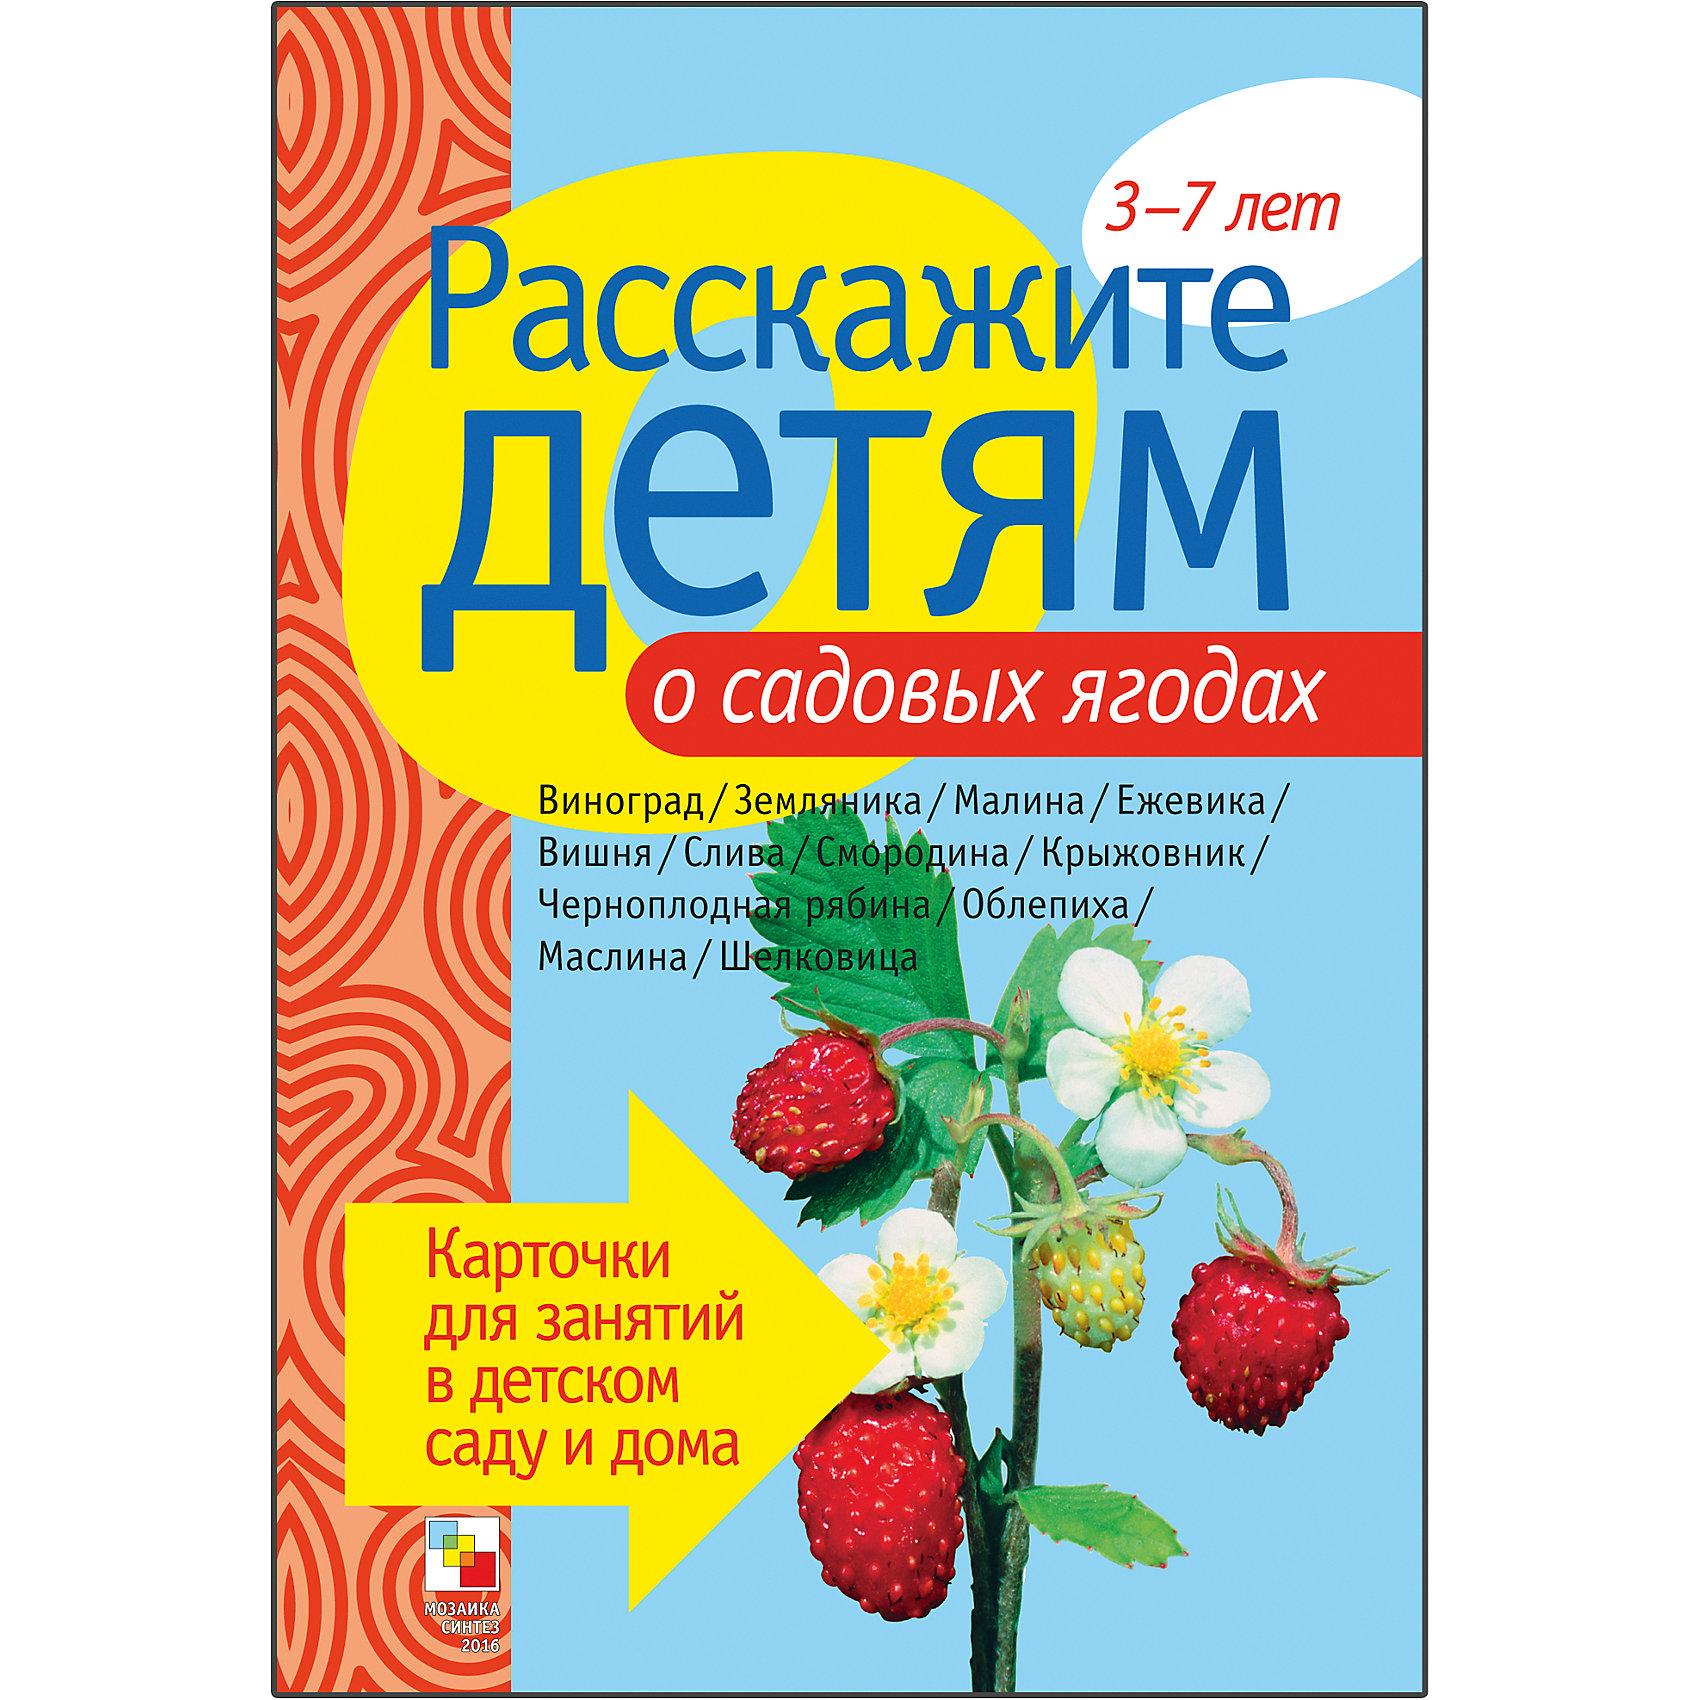 Пособие Расскажите детям о садовых ягодах, Мозаика-СинтезРазвивающие игры<br>Пособие Расскажите детям о садовых ягодах, Мозаика-Синтез.<br><br>Характеристики:<br><br>• Издательство: МОЗАИКА-СИНТЕЗ<br>• ISBN: 9785867754709<br>• Тип: папка с карточками, обложка твердая.<br>• Возраст: от 3-7 лет.<br>• Размер книги: 210х150х5 мм.<br>• Количество страниц: 12<br><br>В данном пособии собраны картинки с изображениями садовых ягод. Любознательный малыш узнает, как с древних времен люди «одомашнивали» ягоды, выводя из диких ягод садовые сорта. <br><br>На оборотной стороне каждой картинки Вы найдете необходимые сведения по каждой теме, веселые стихи и загадки.<br><br>Пособие Расскажите детям о садовых ягодах, Мозаика-Синтез, можно купить в нашем интернет – магазине.<br><br>Ширина мм: 5<br>Глубина мм: 150<br>Высота мм: 210<br>Вес г: 83<br>Возраст от месяцев: 36<br>Возраст до месяцев: 84<br>Пол: Унисекс<br>Возраст: Детский<br>SKU: 5428925